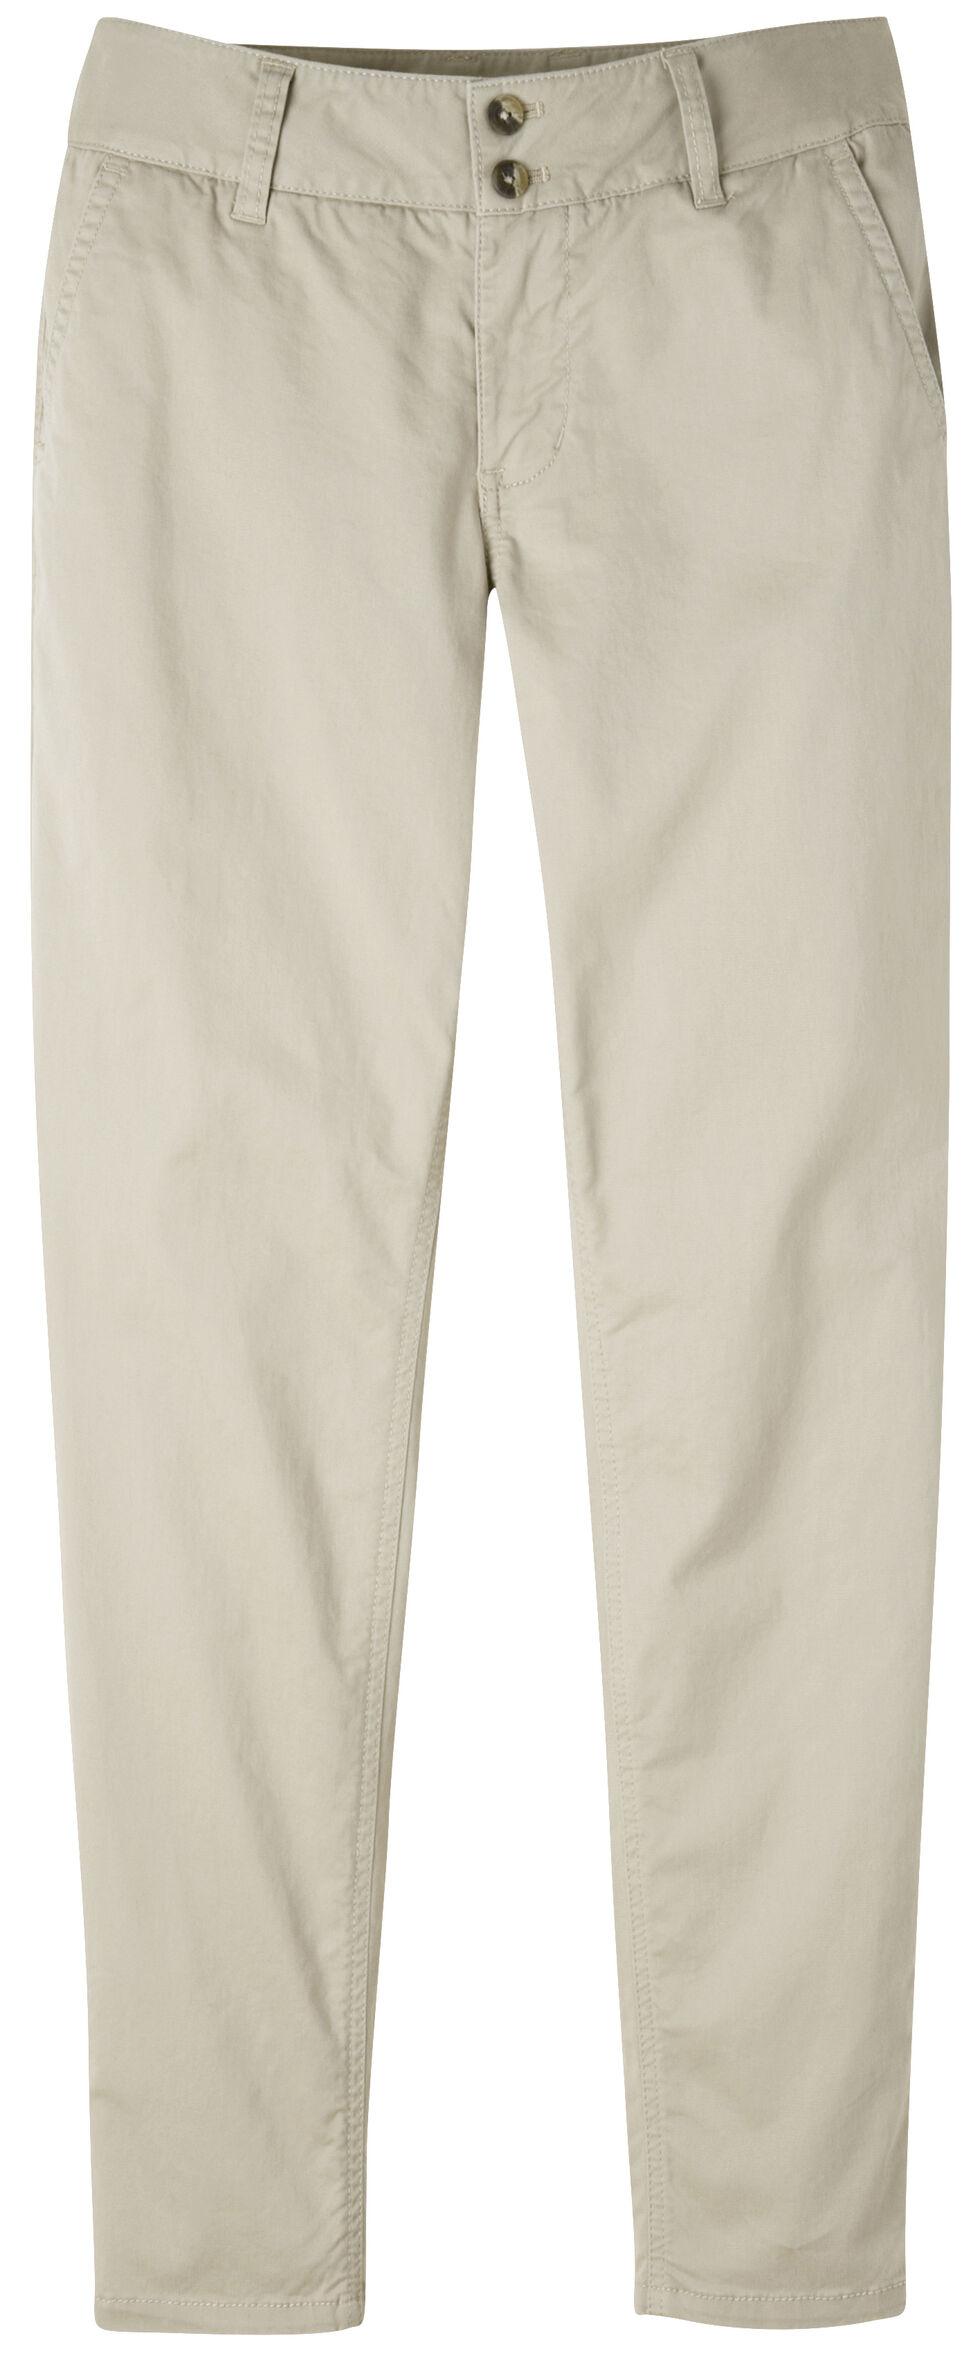 Mountain Khakis Women's Sadie Skinny Chino Pants - Petite, Slate, hi-res